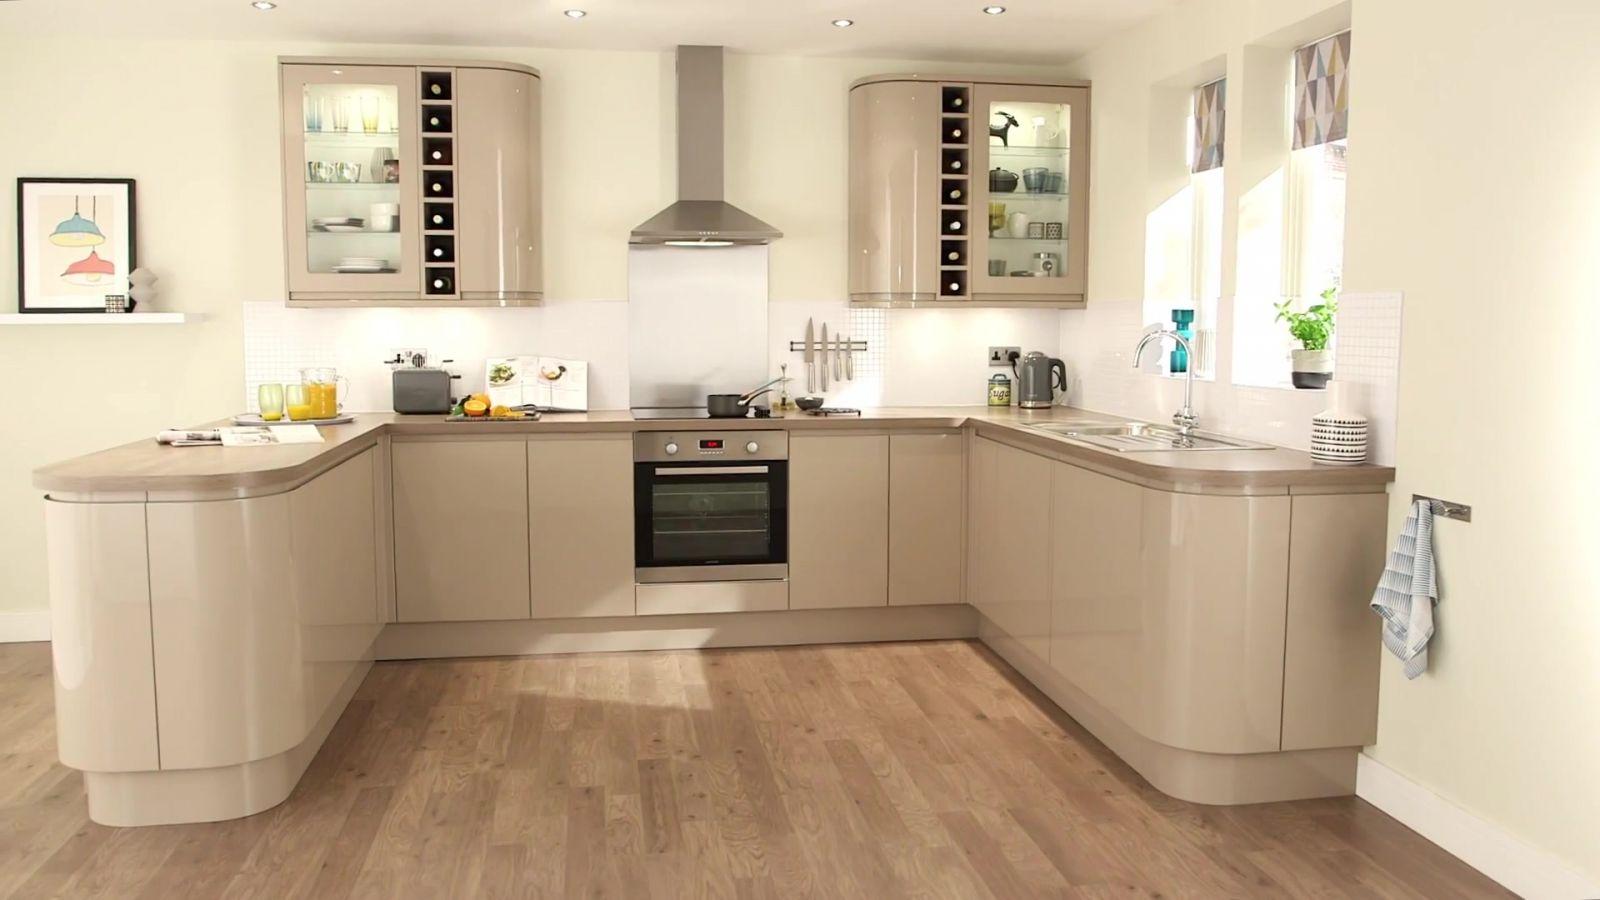 Bếp từ là lựa chọn tuyệt vời cho không gian nhà bạn